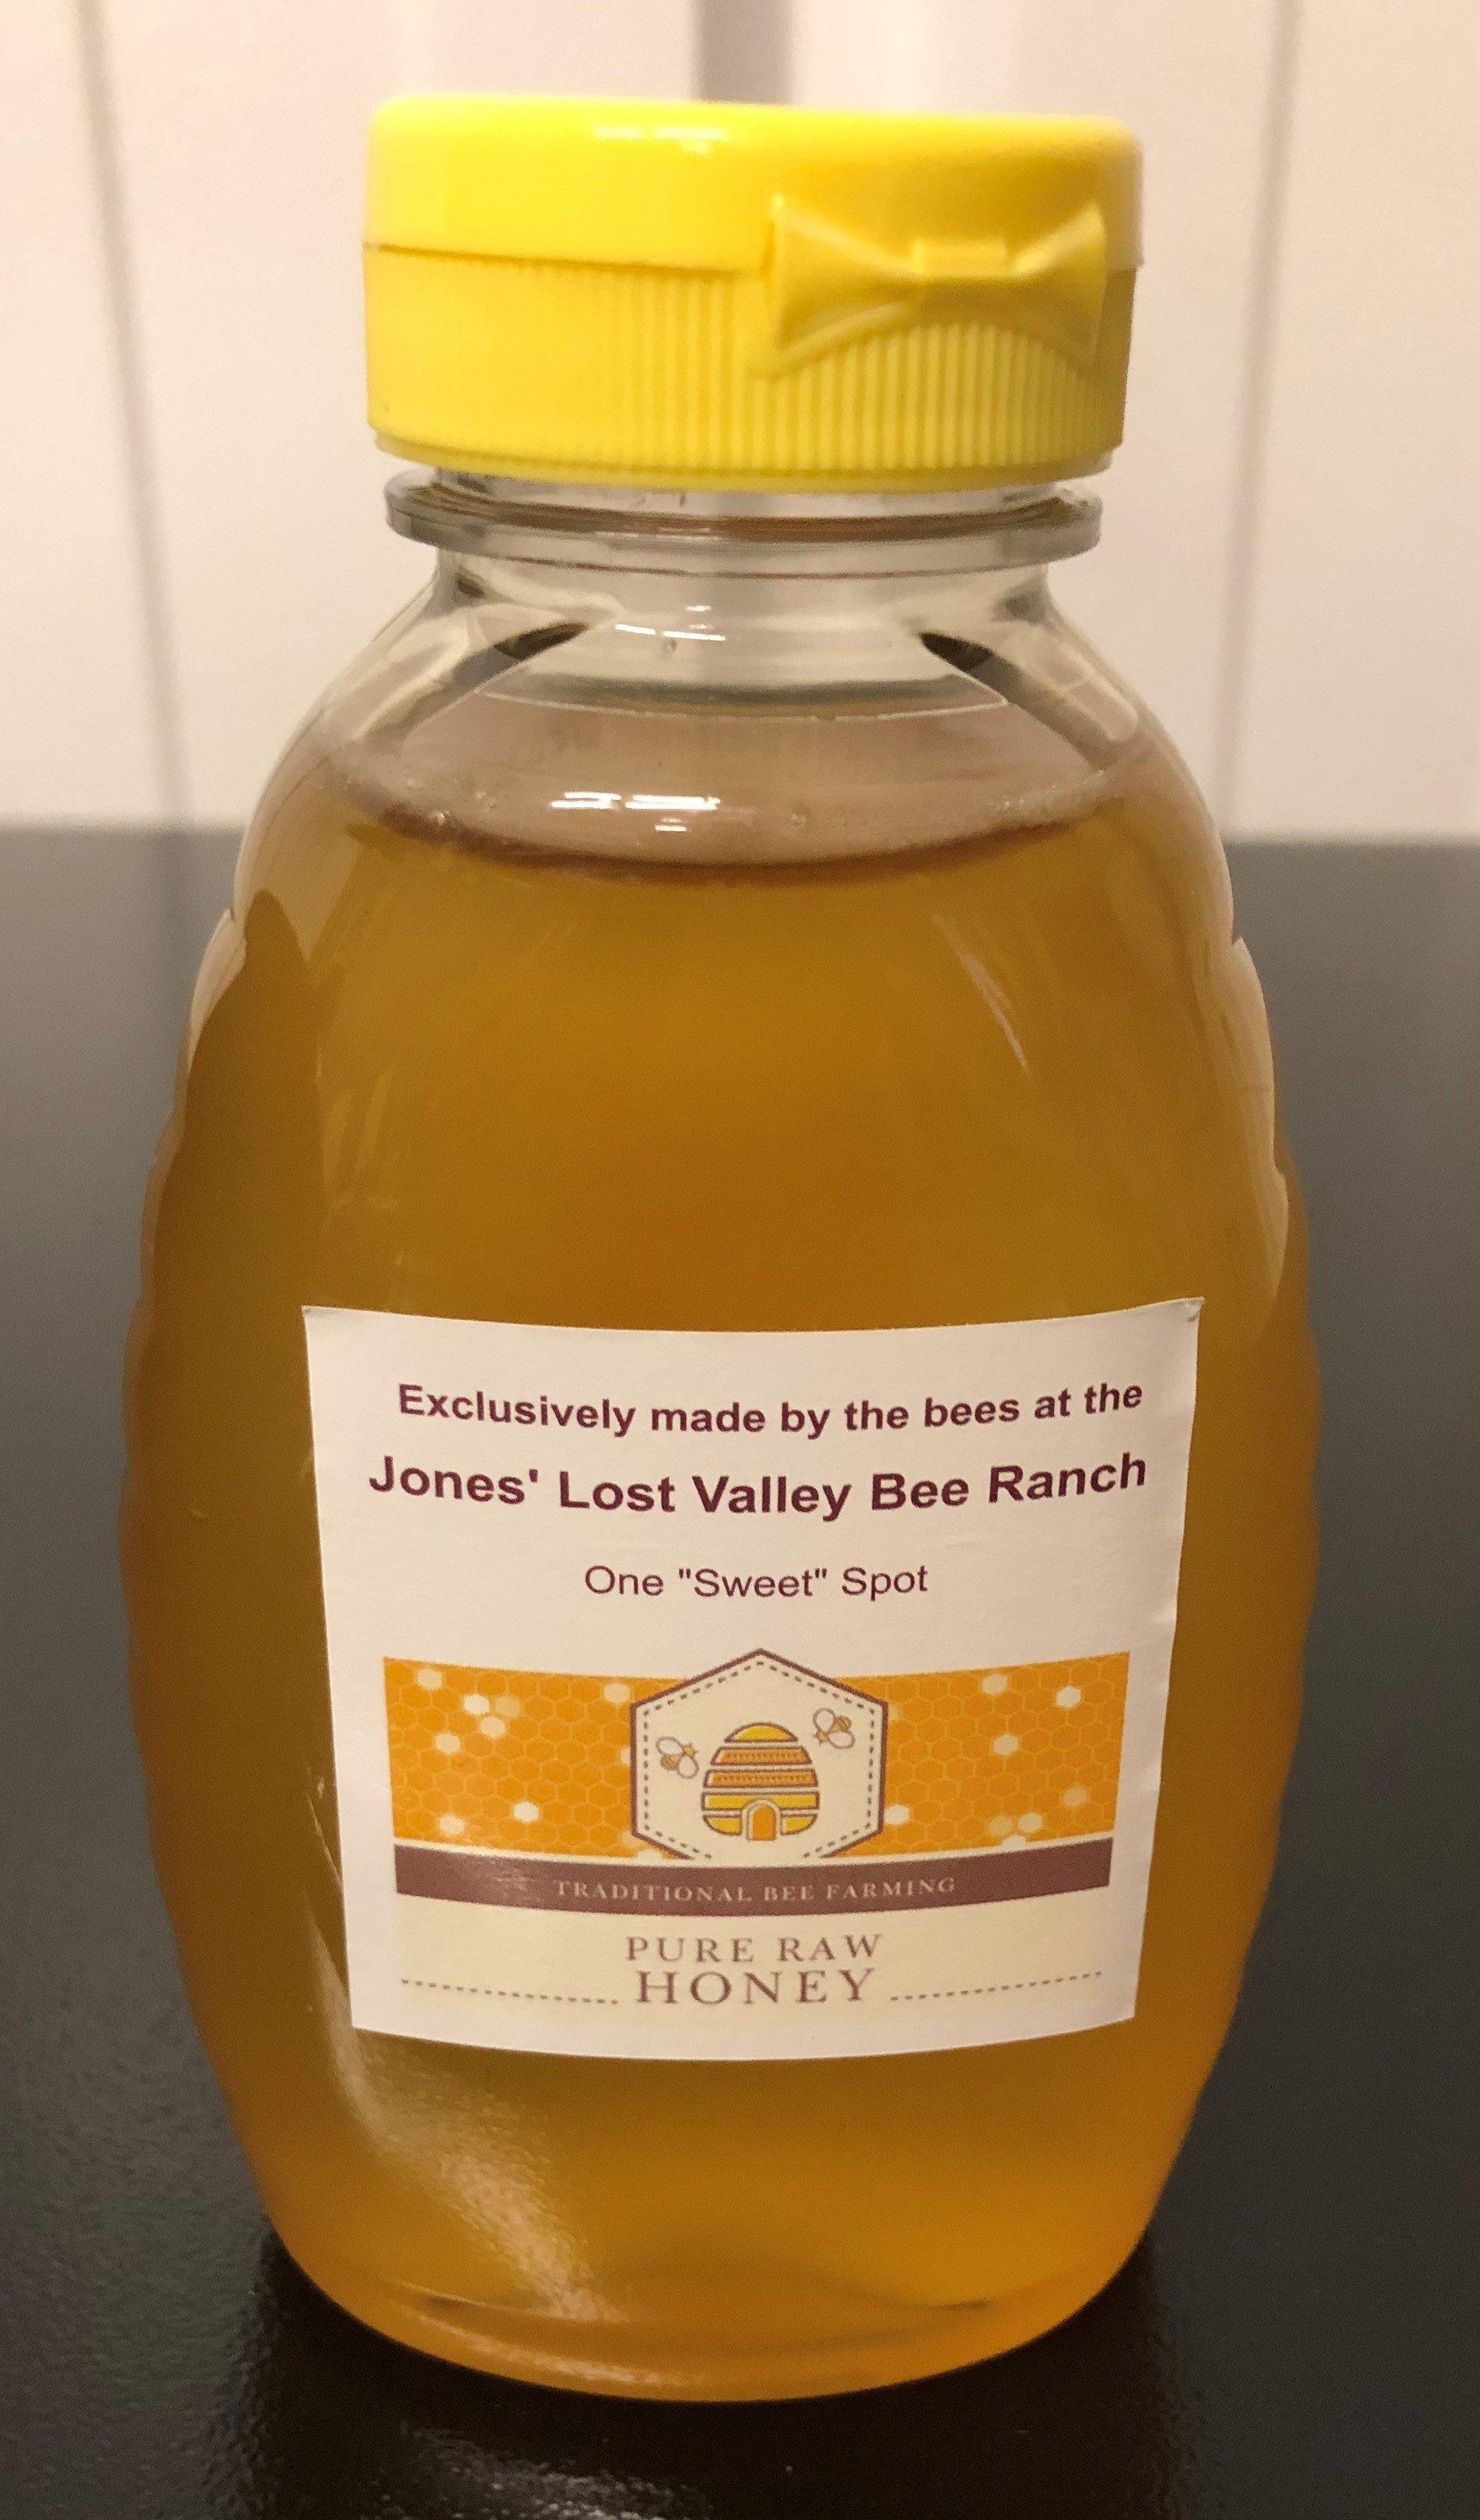 Jones' Lost Valley Bee Ranch Honey 000000001498